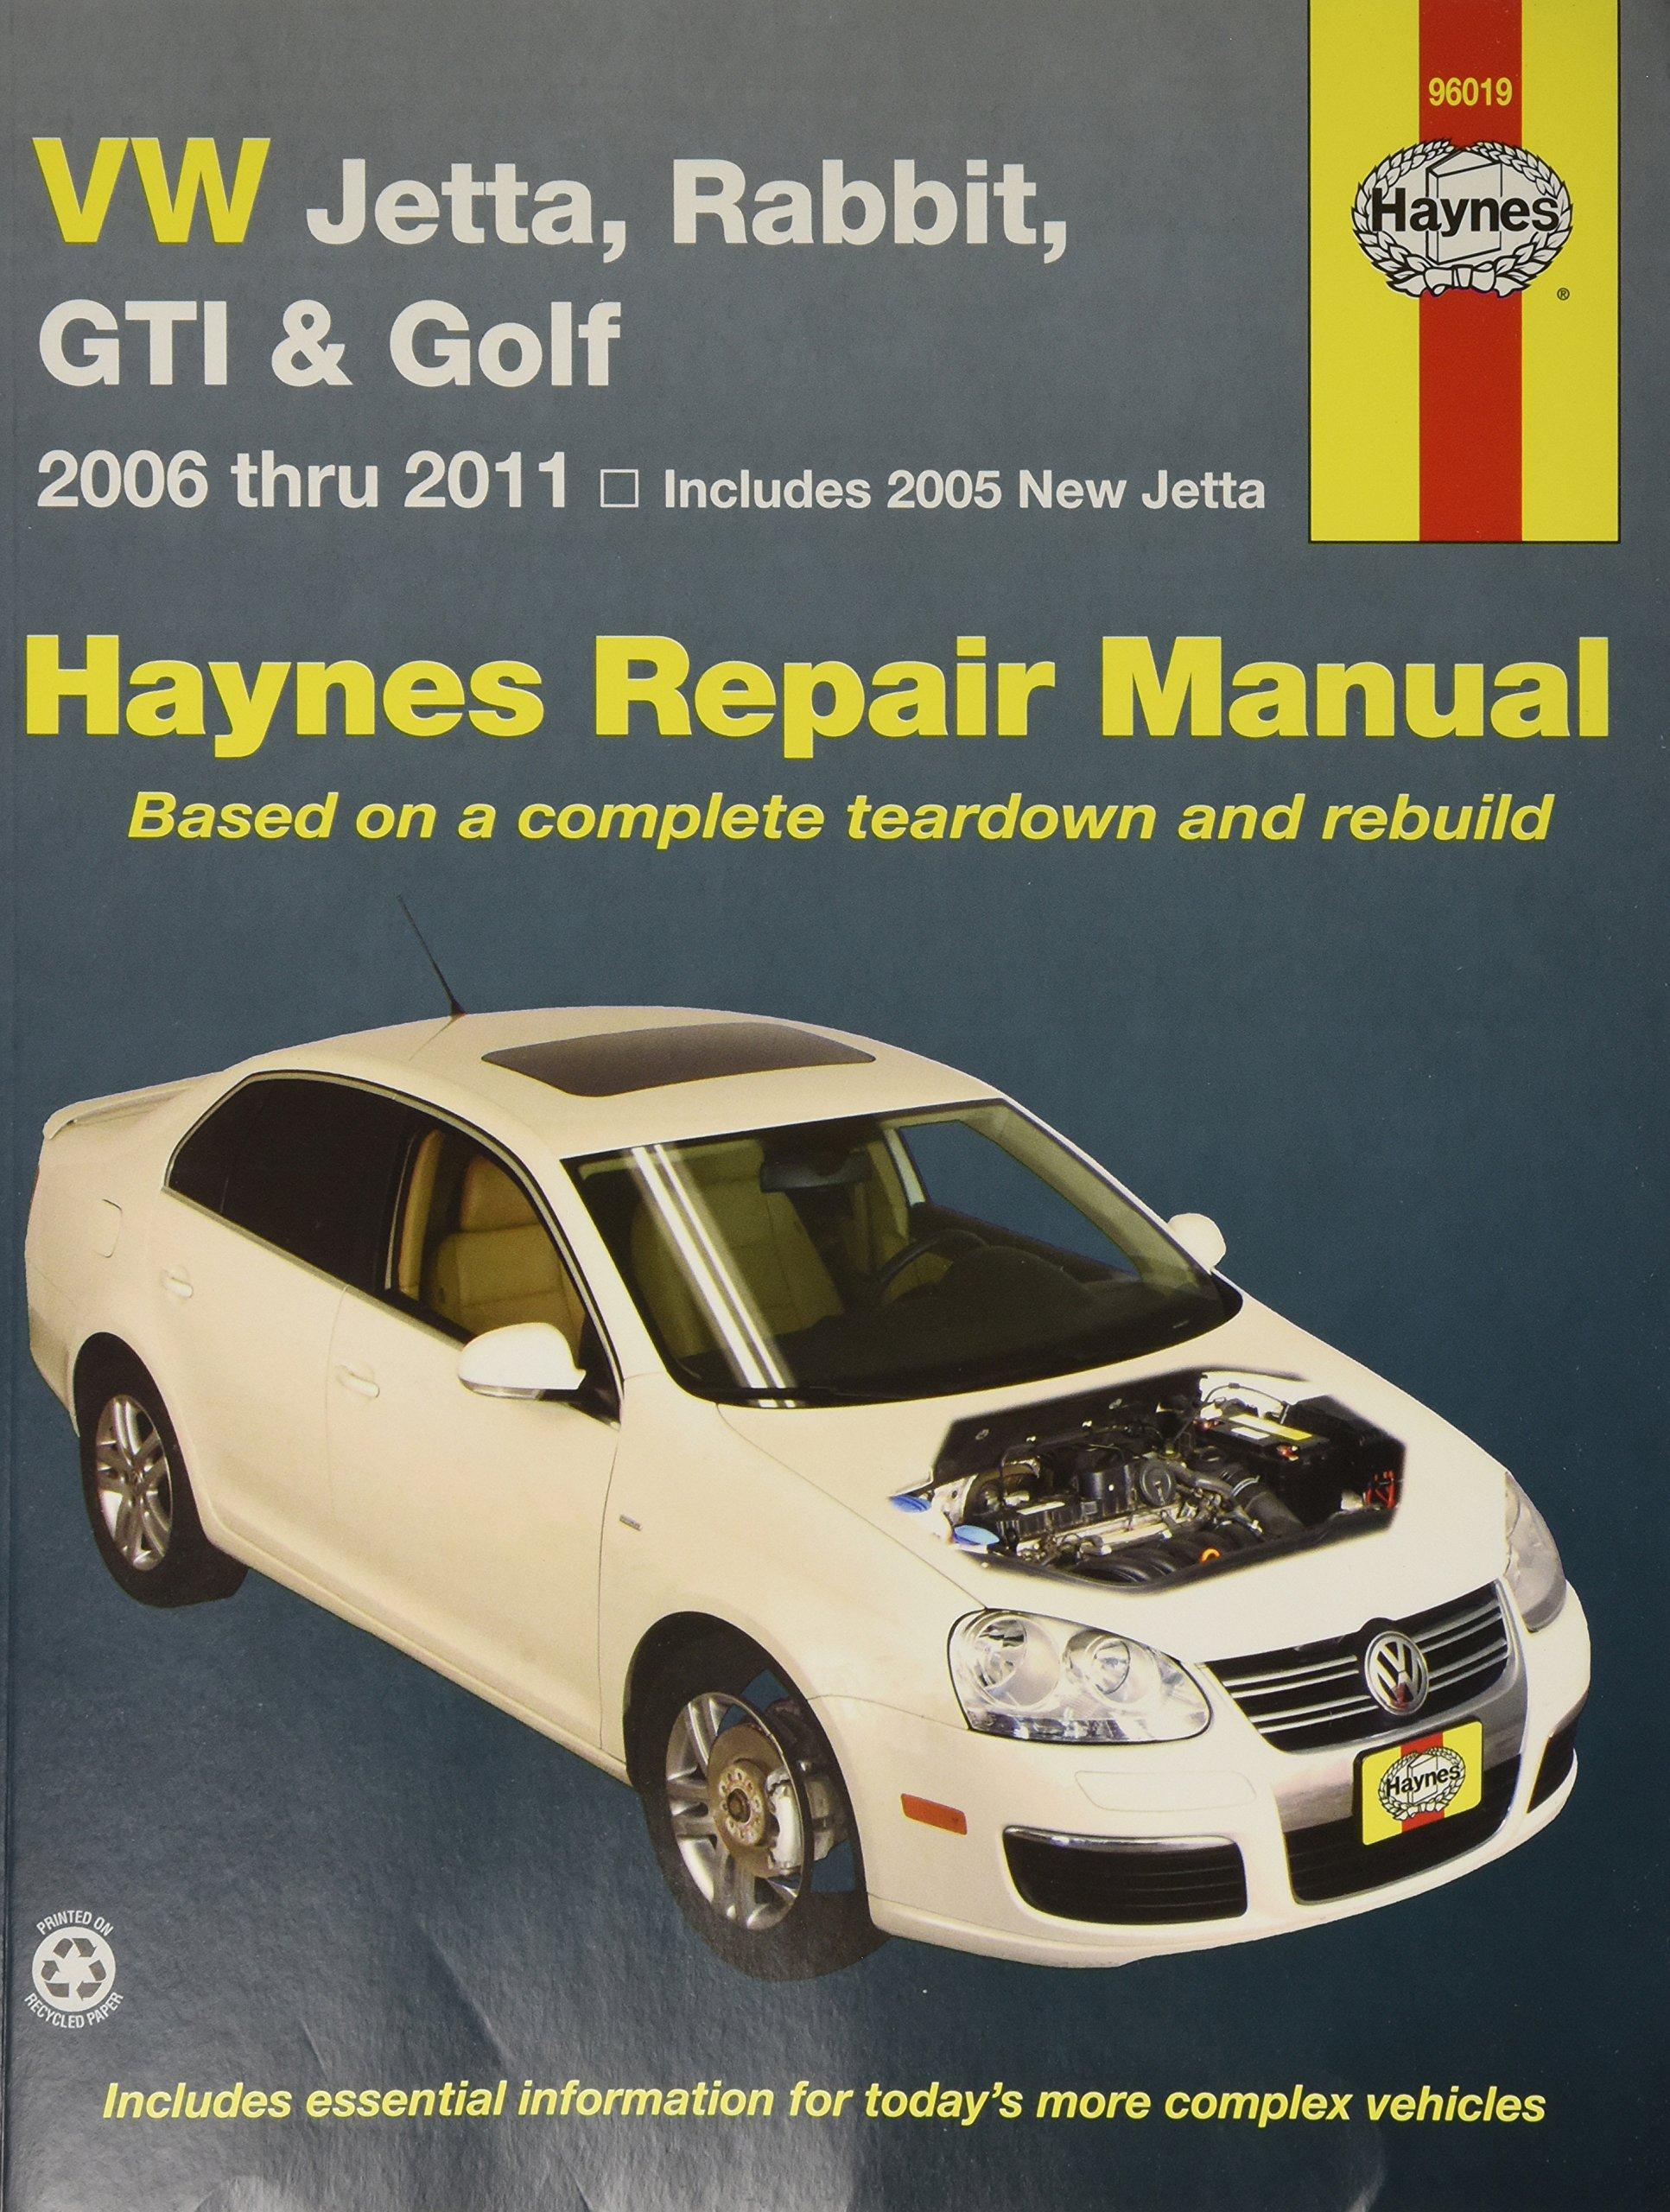 Haynes Repair Manuals VW Jetta, Rabbit, GTI, GLI & Golf '05-'11 (96019)